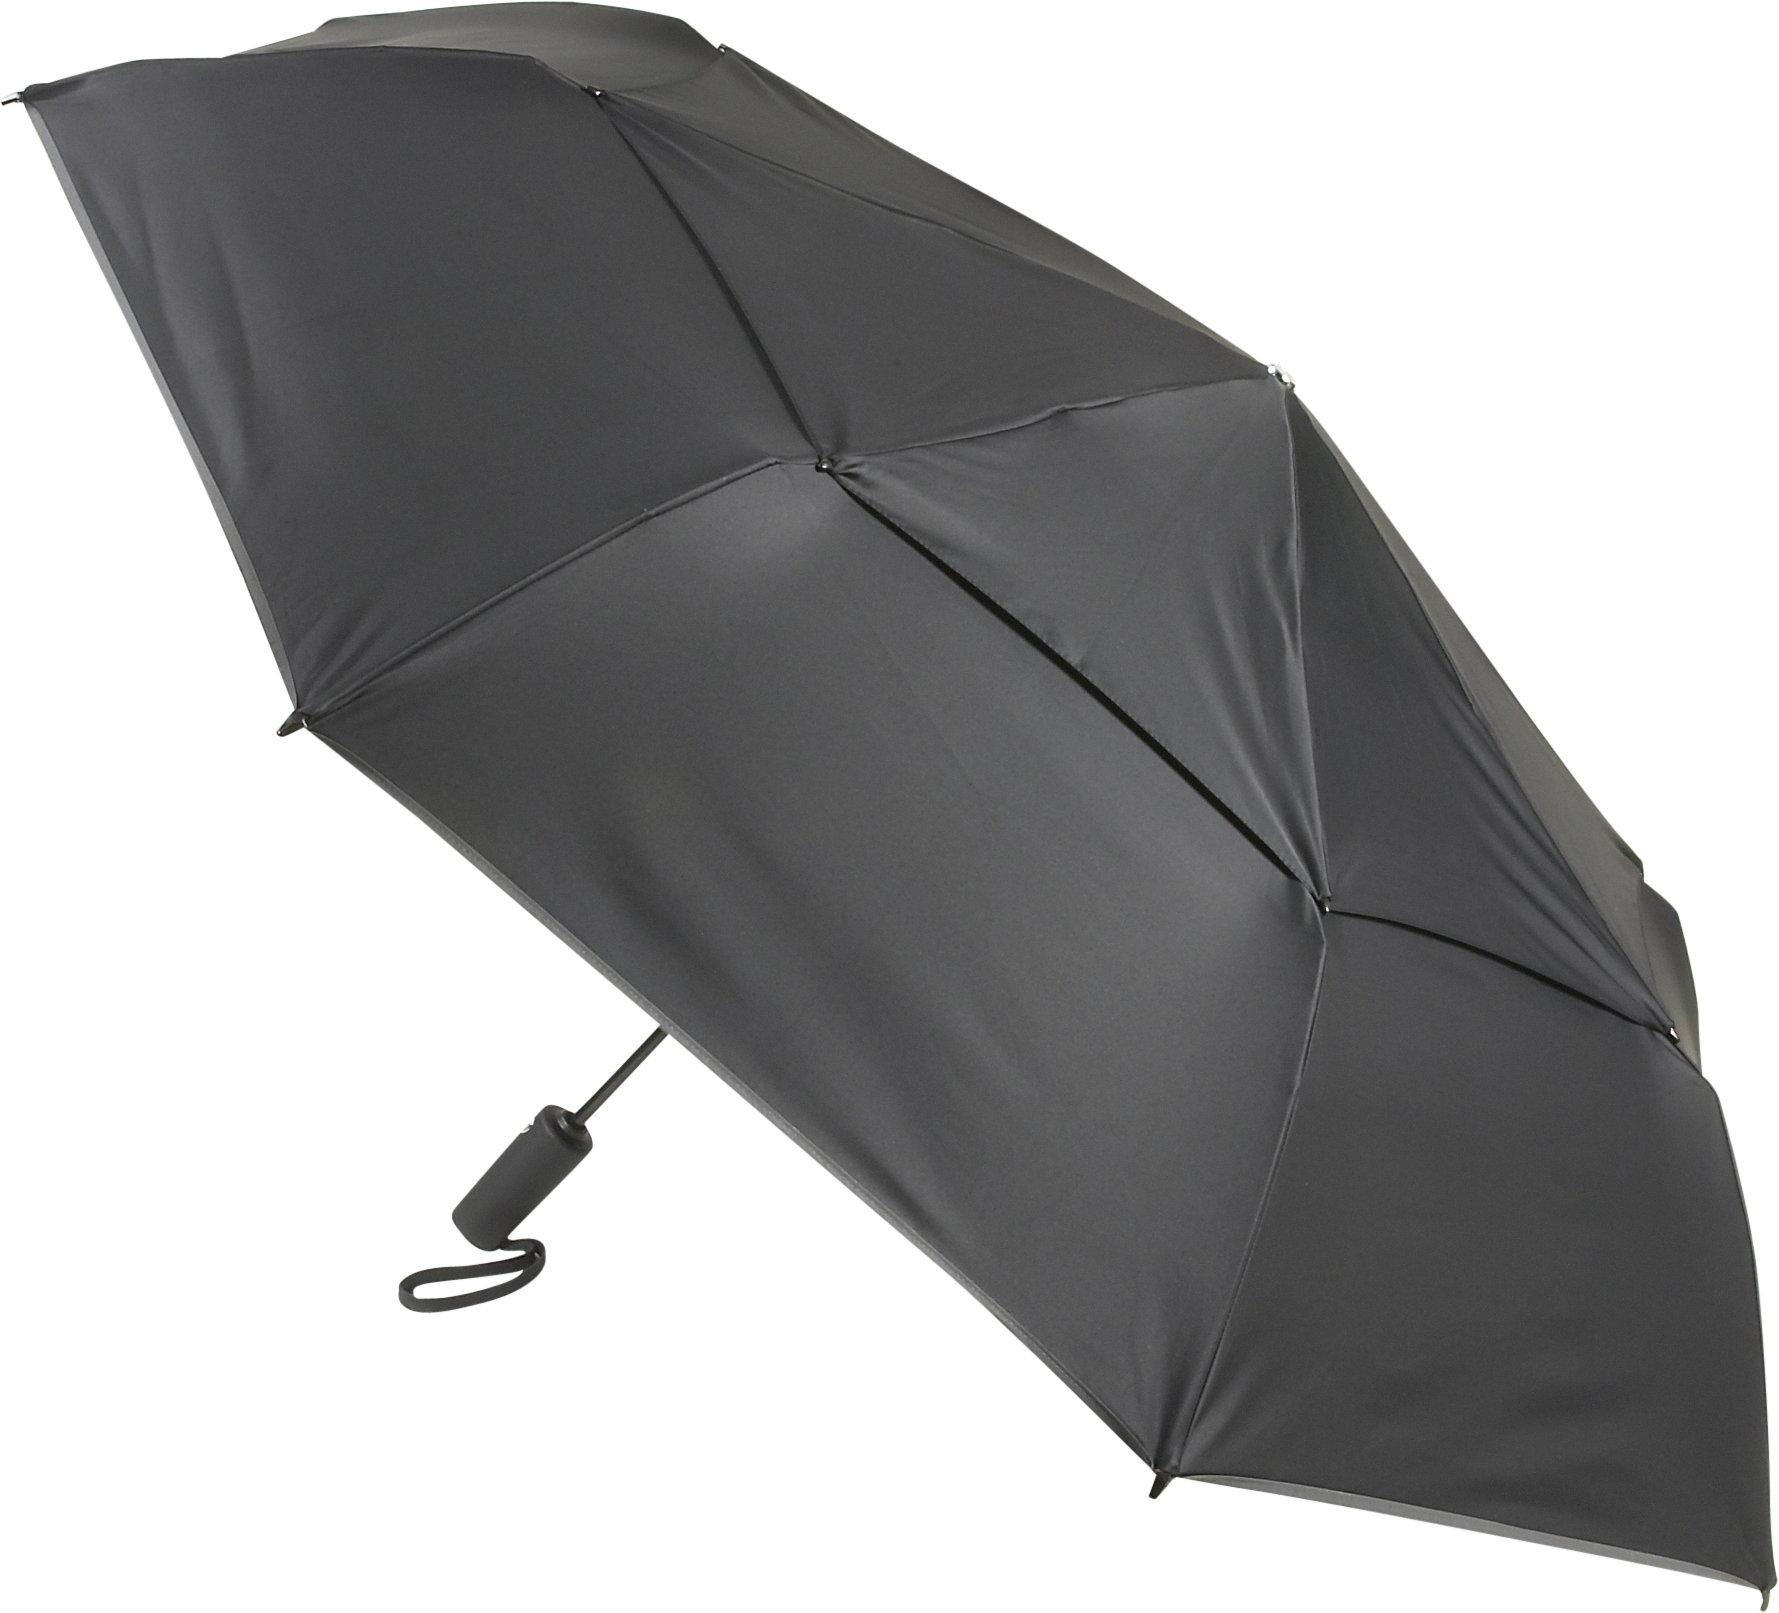 TUMI Large Auto Close Umbrella, Black